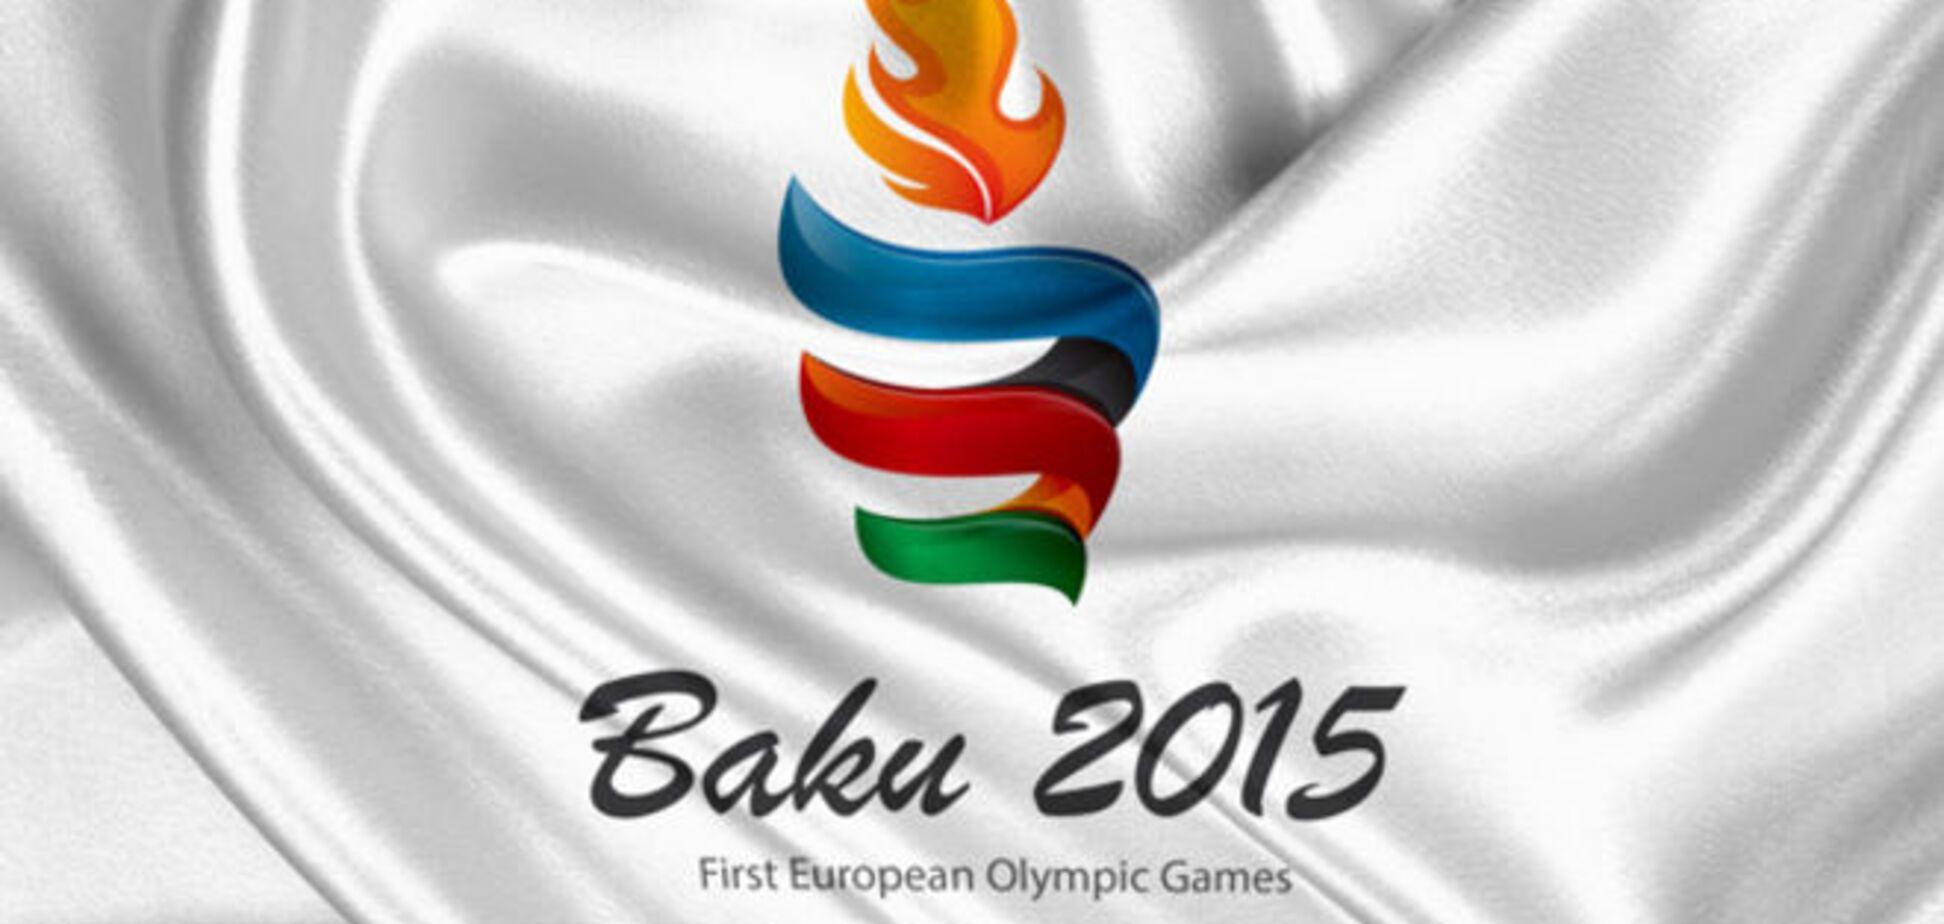 Європейські ігри-2015: дивитися онлайн відеотрансляцію з Баку